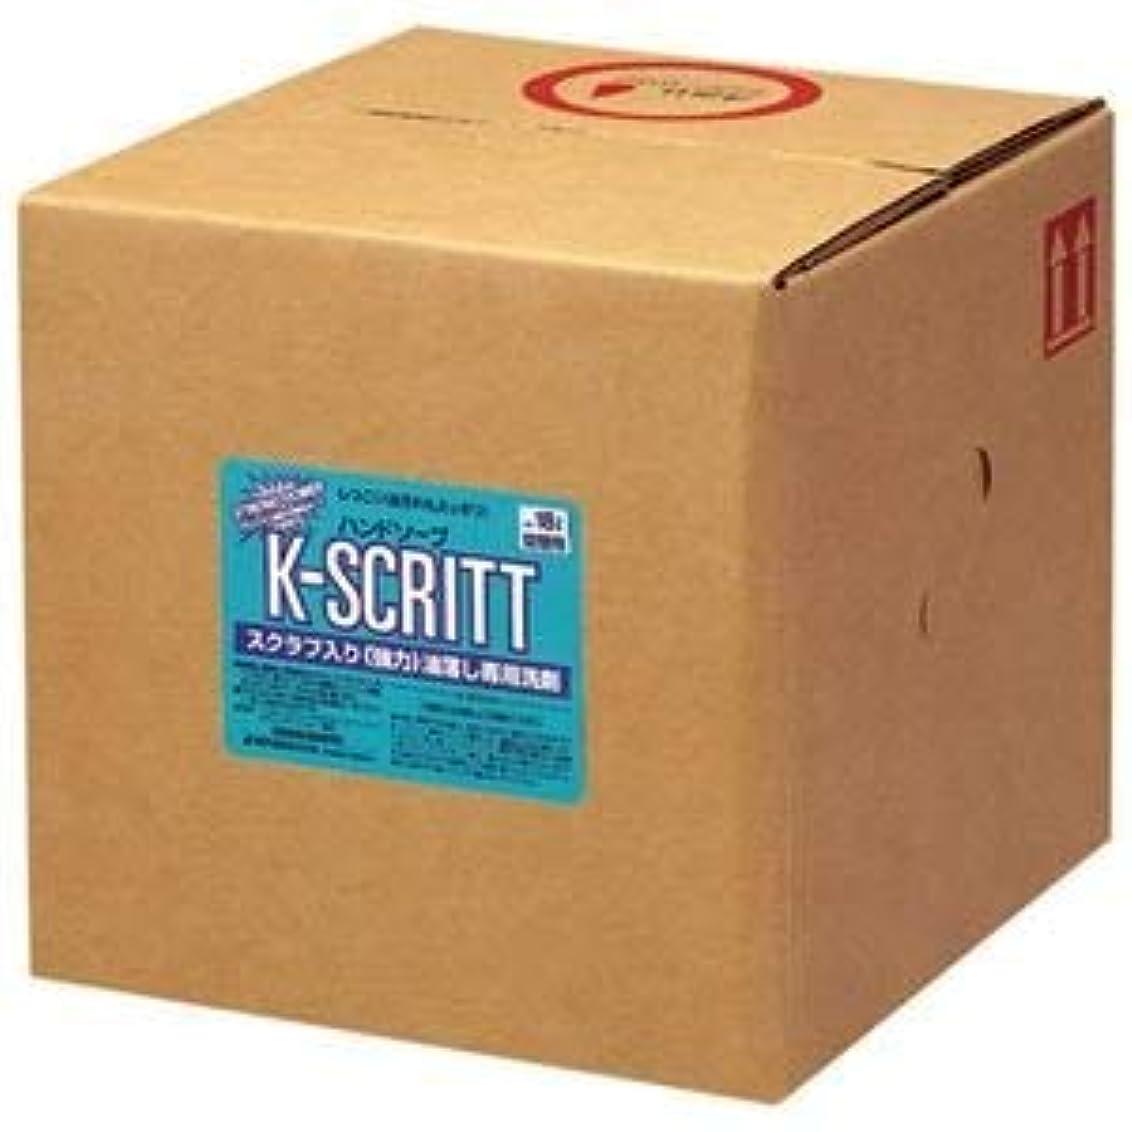 人事混乱させるジョージスティーブンソン業務用 液体石鹸 K-スクリット ハンドソープ詰替え 18L 熊野油脂 (コック付き)